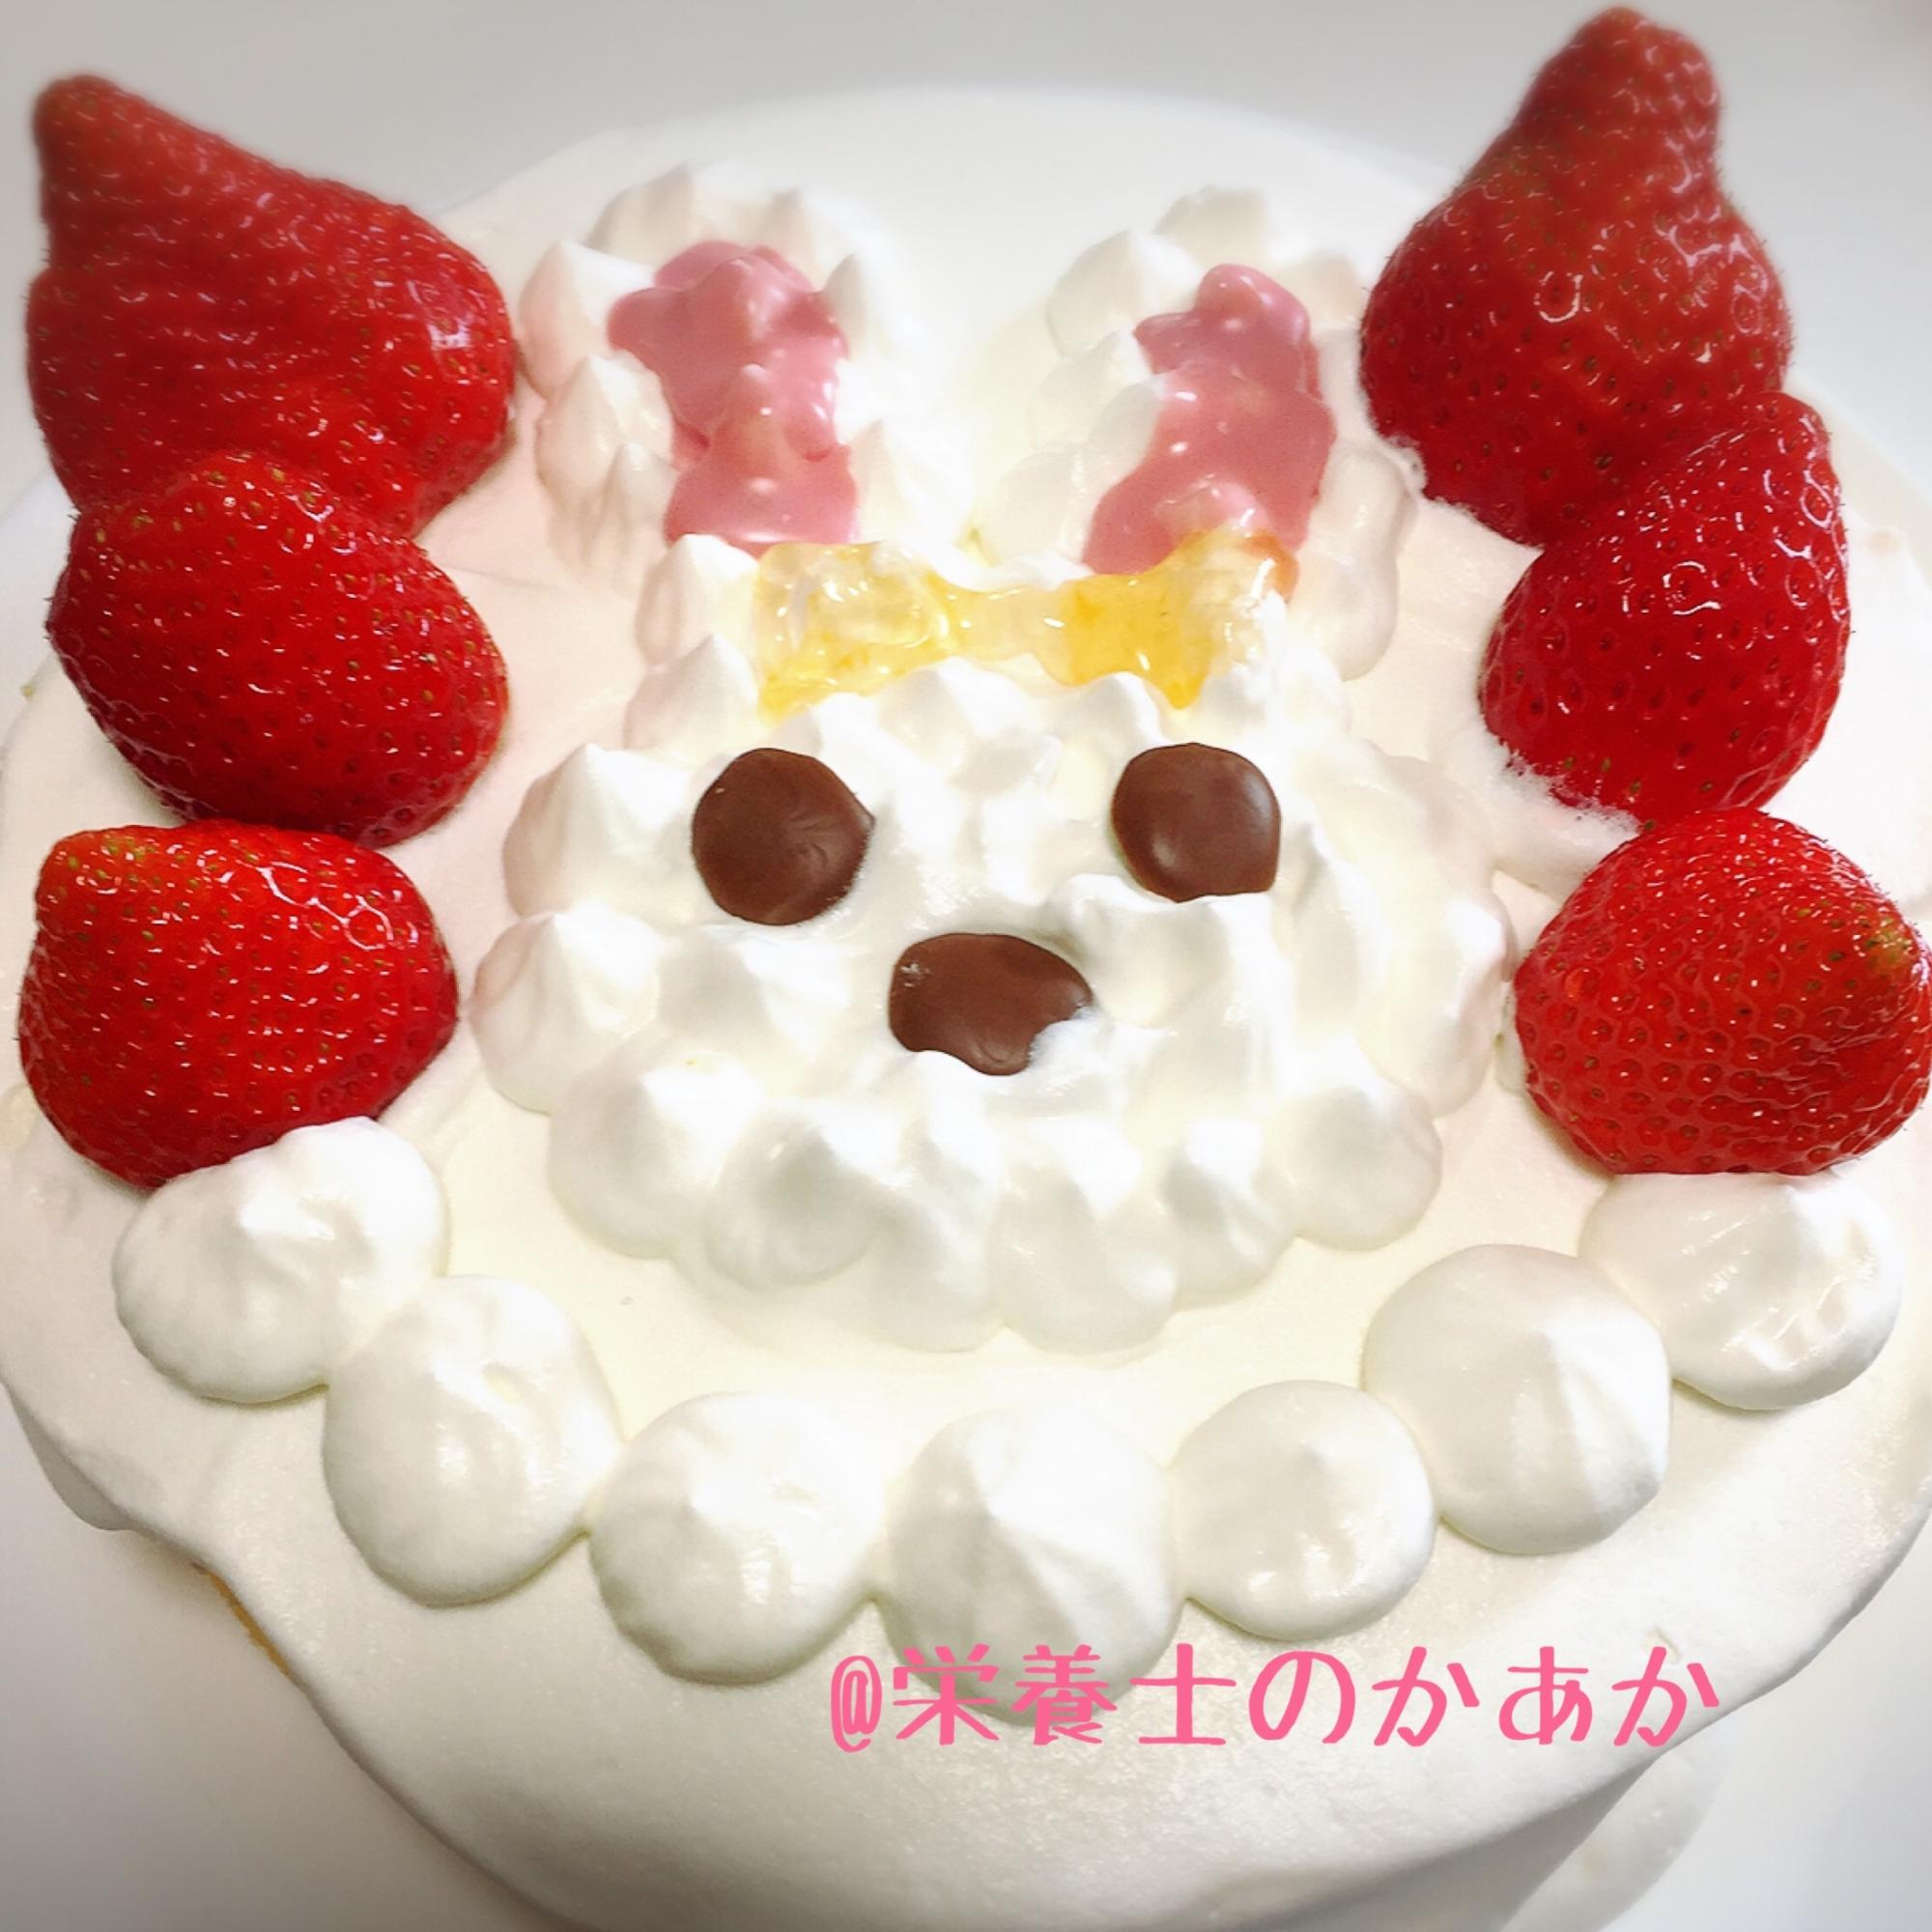 キラキラ☆プリキュアアラモードうさぎショートケーキ レシピ・作り方 by 栄養士のかあか|楽天レシピ